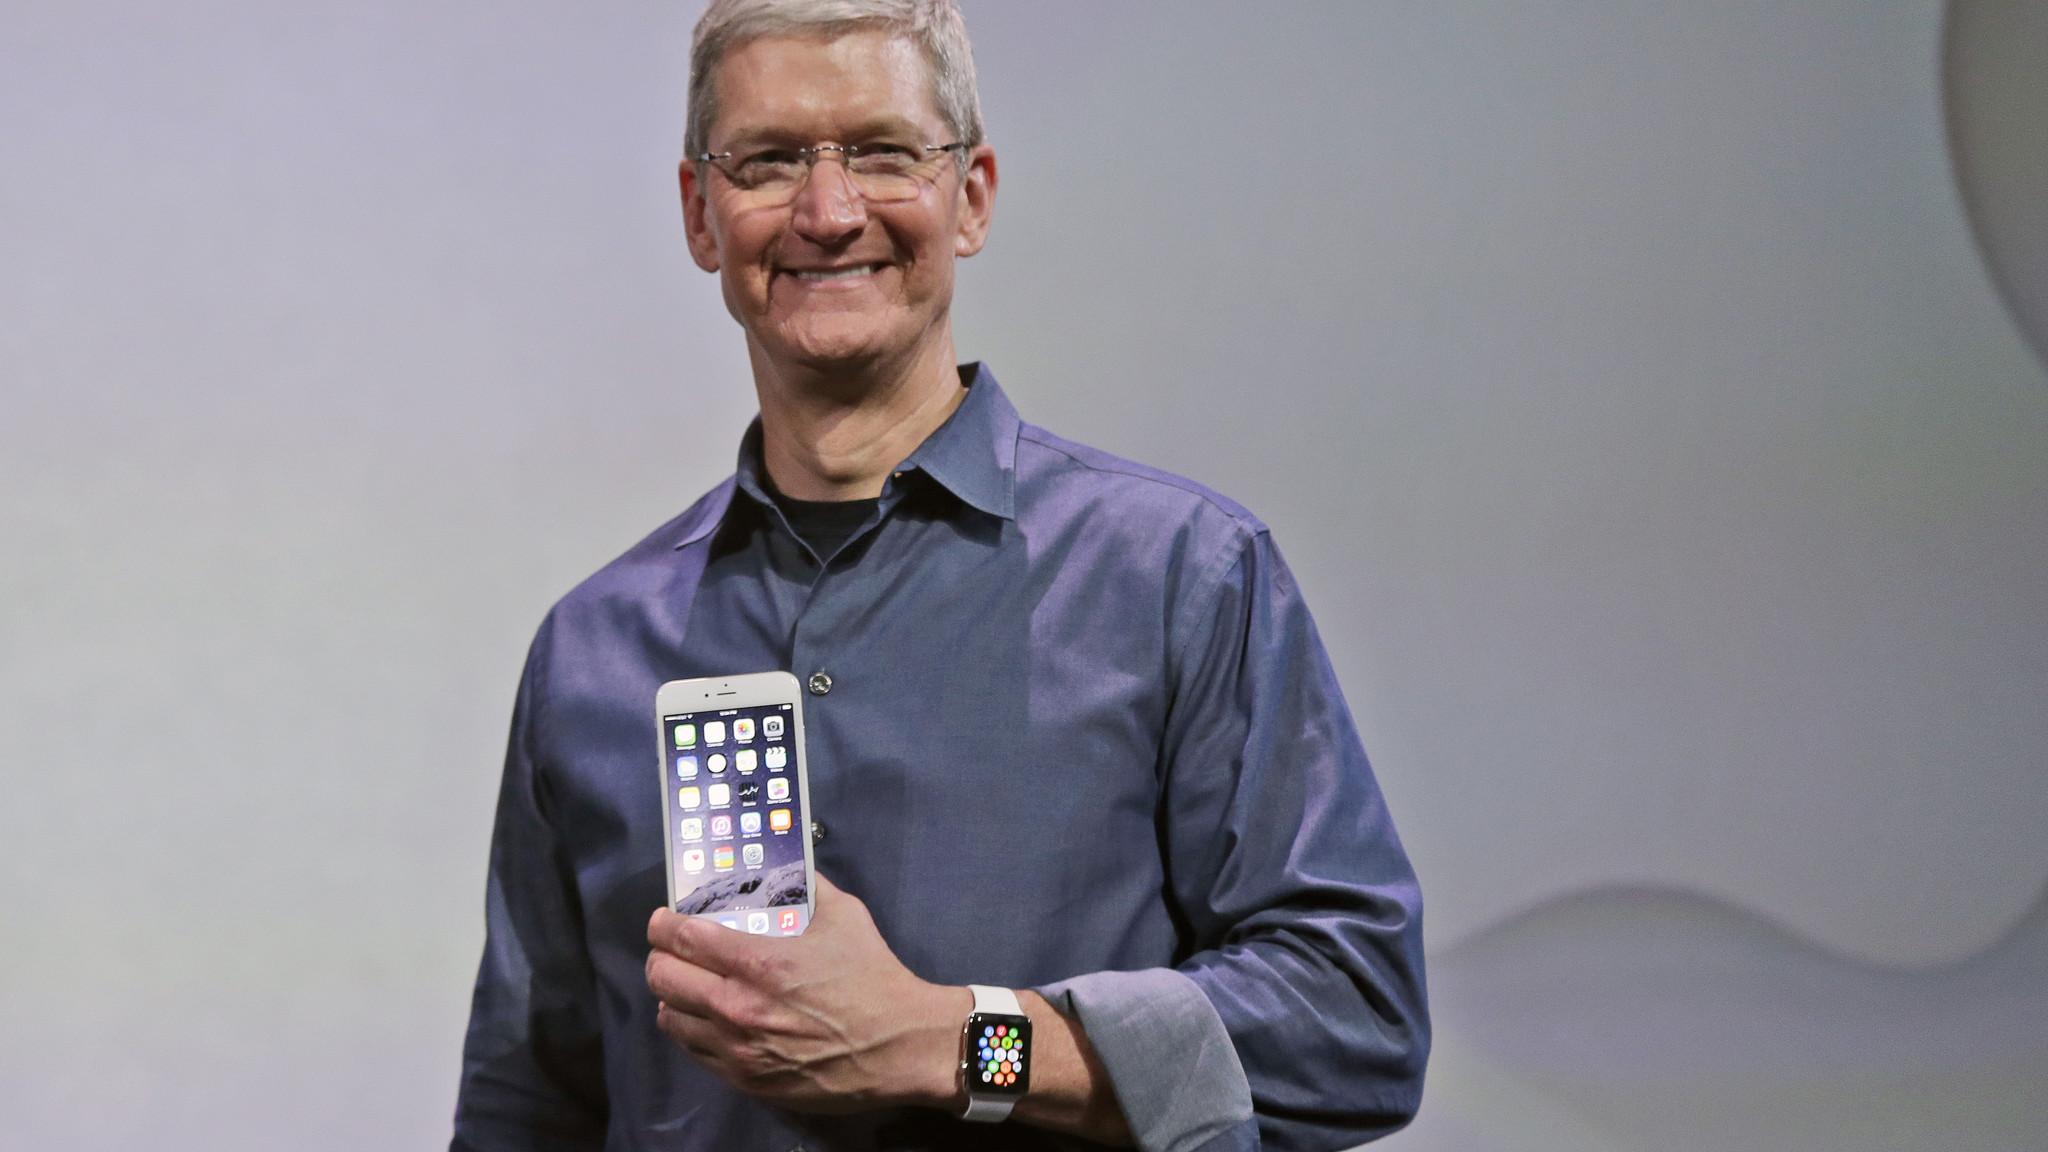 Айфон 6s видео презентация